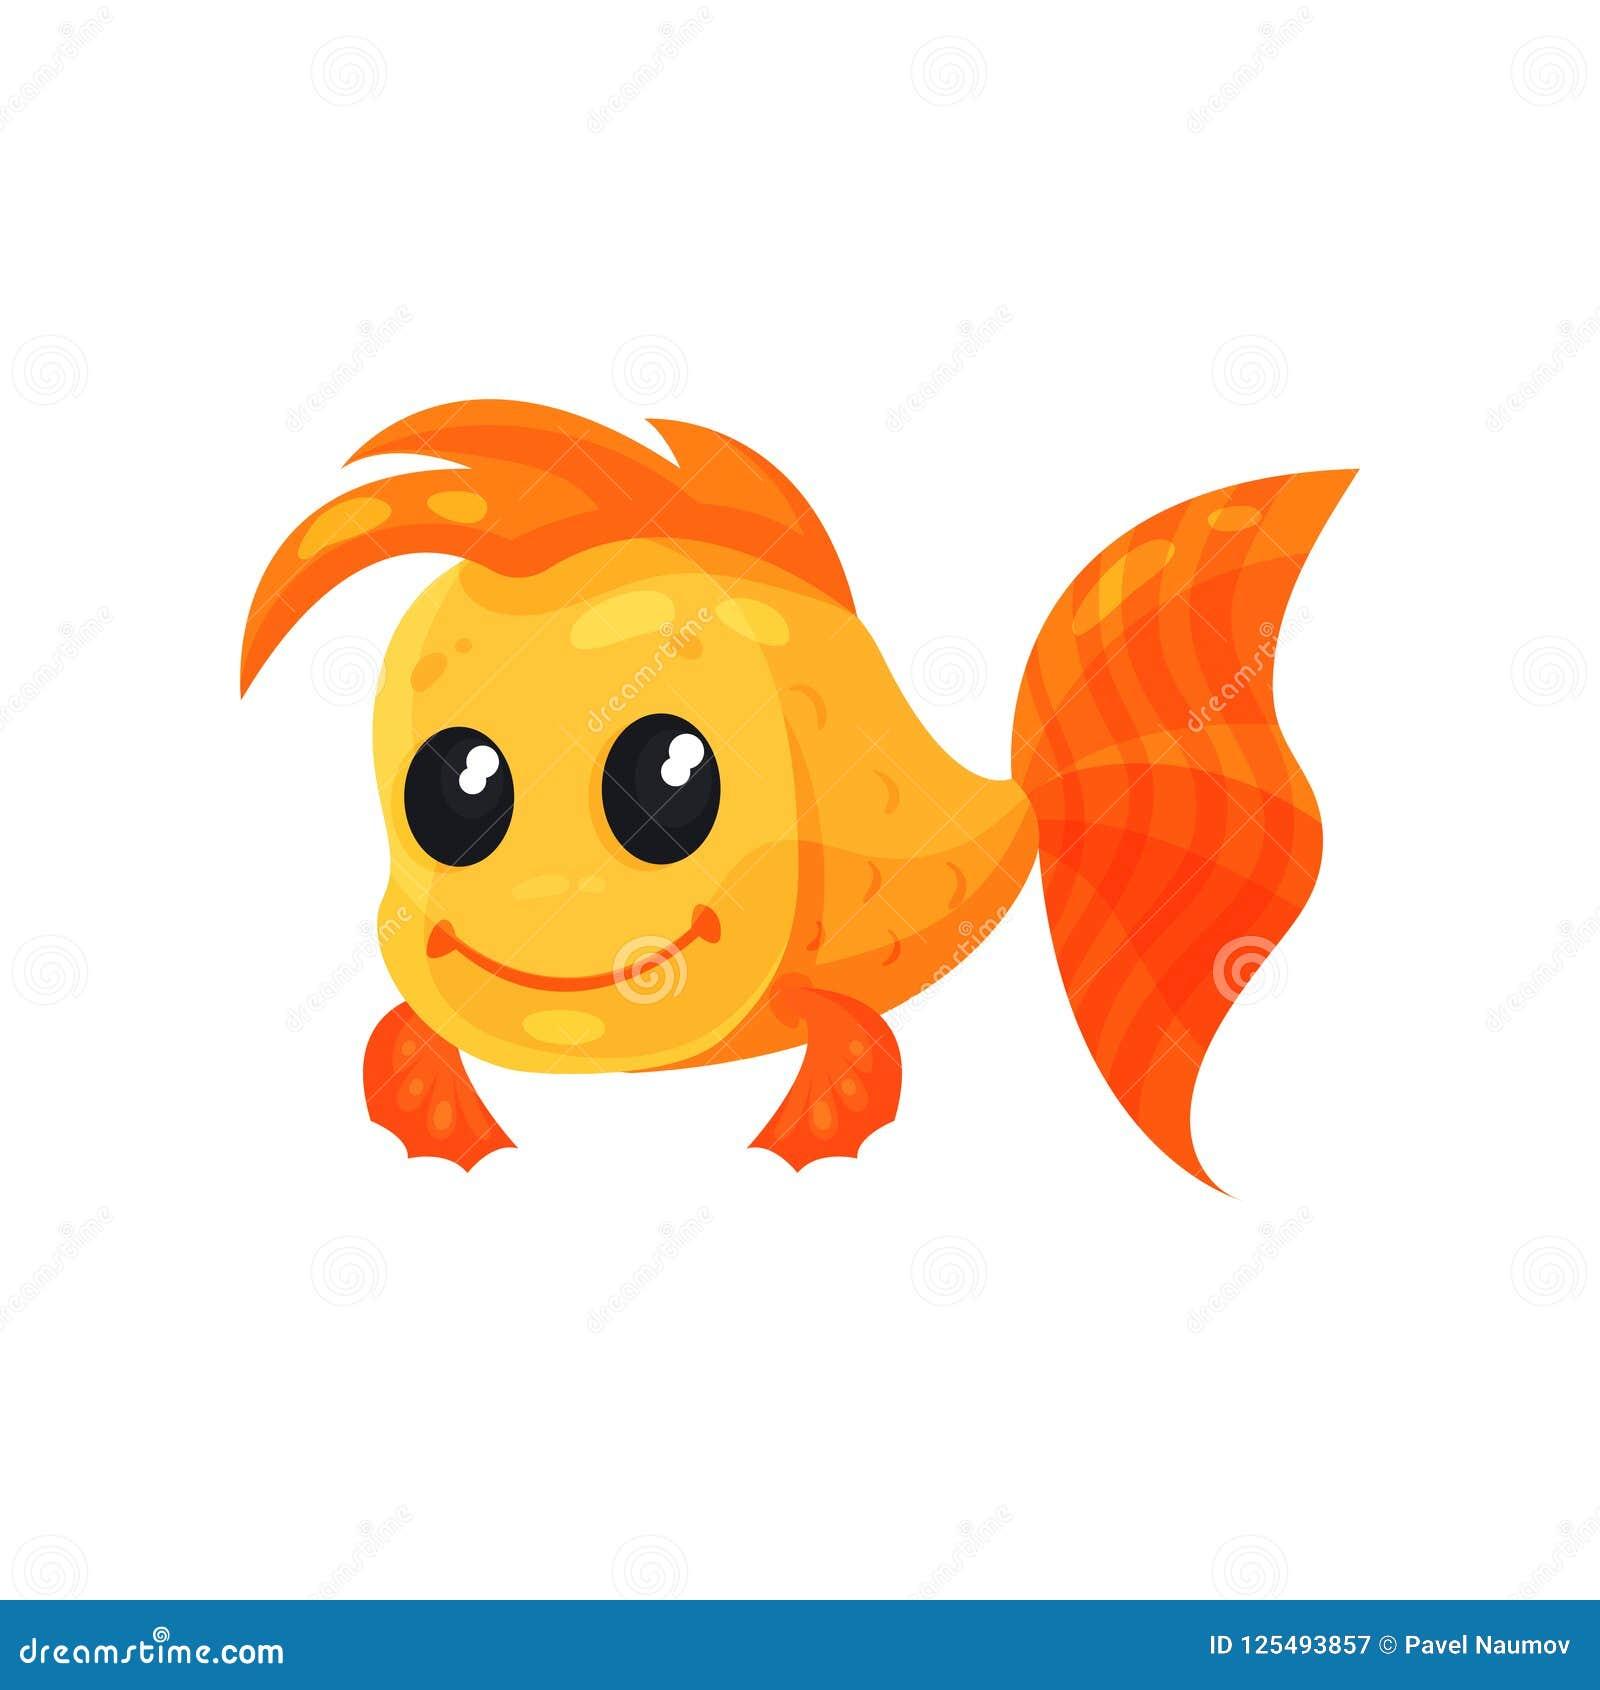 Leuke vrolijke goudvis, grappige het karakter vectorillustratie van het vissenbeeldverhaal op een witte achtergrond